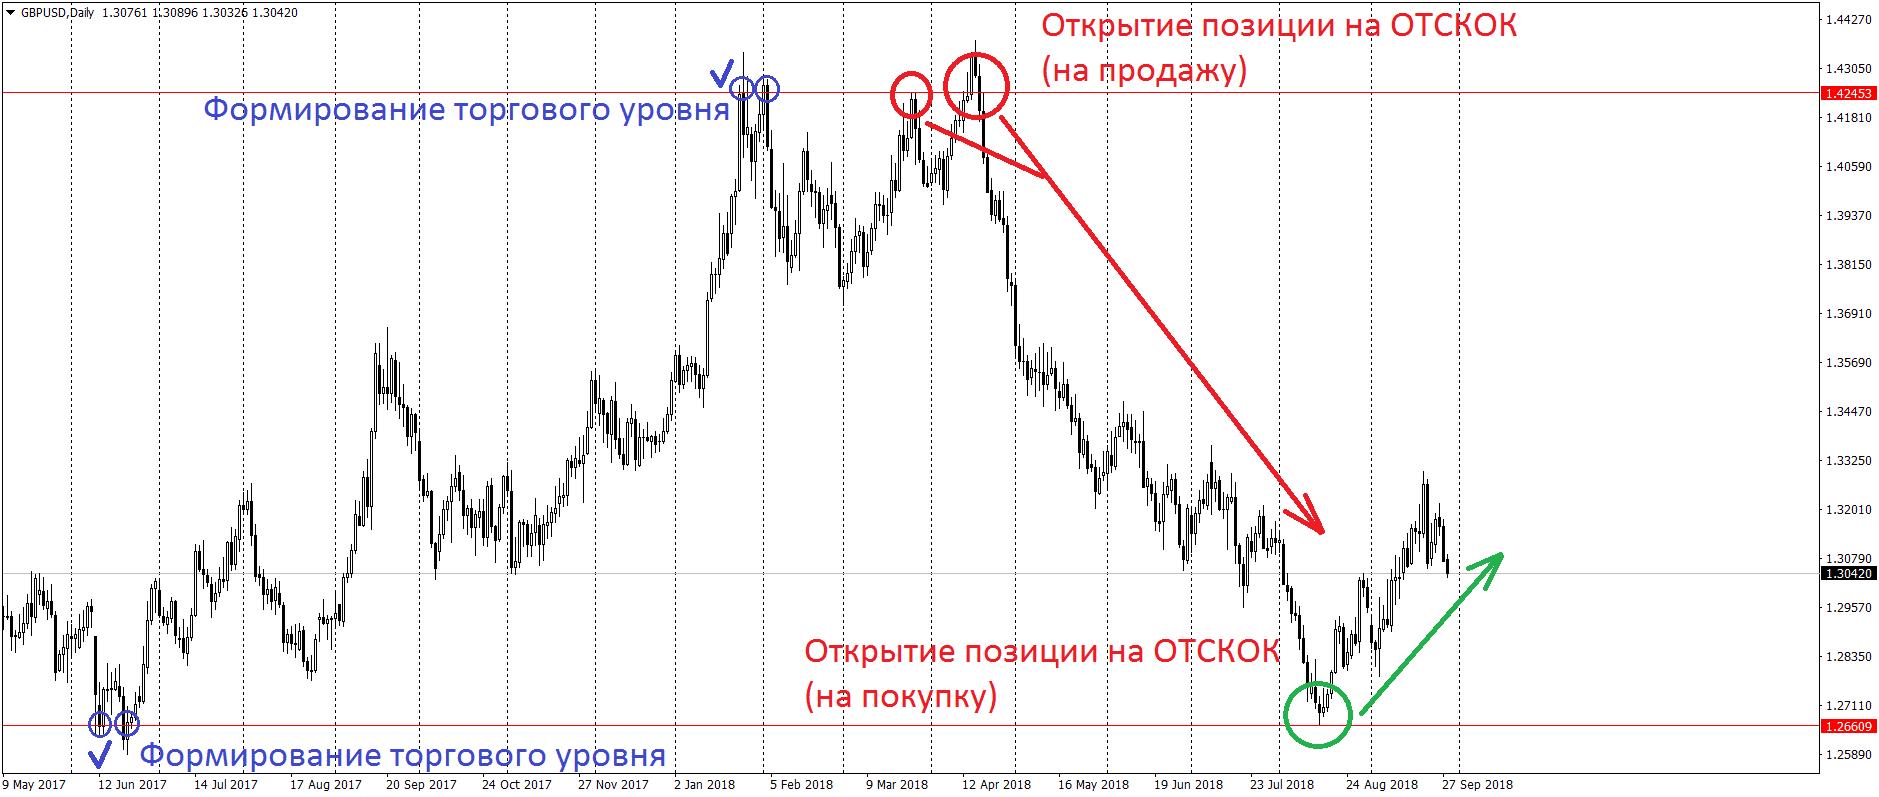 Отскок от торгового уровня на графике